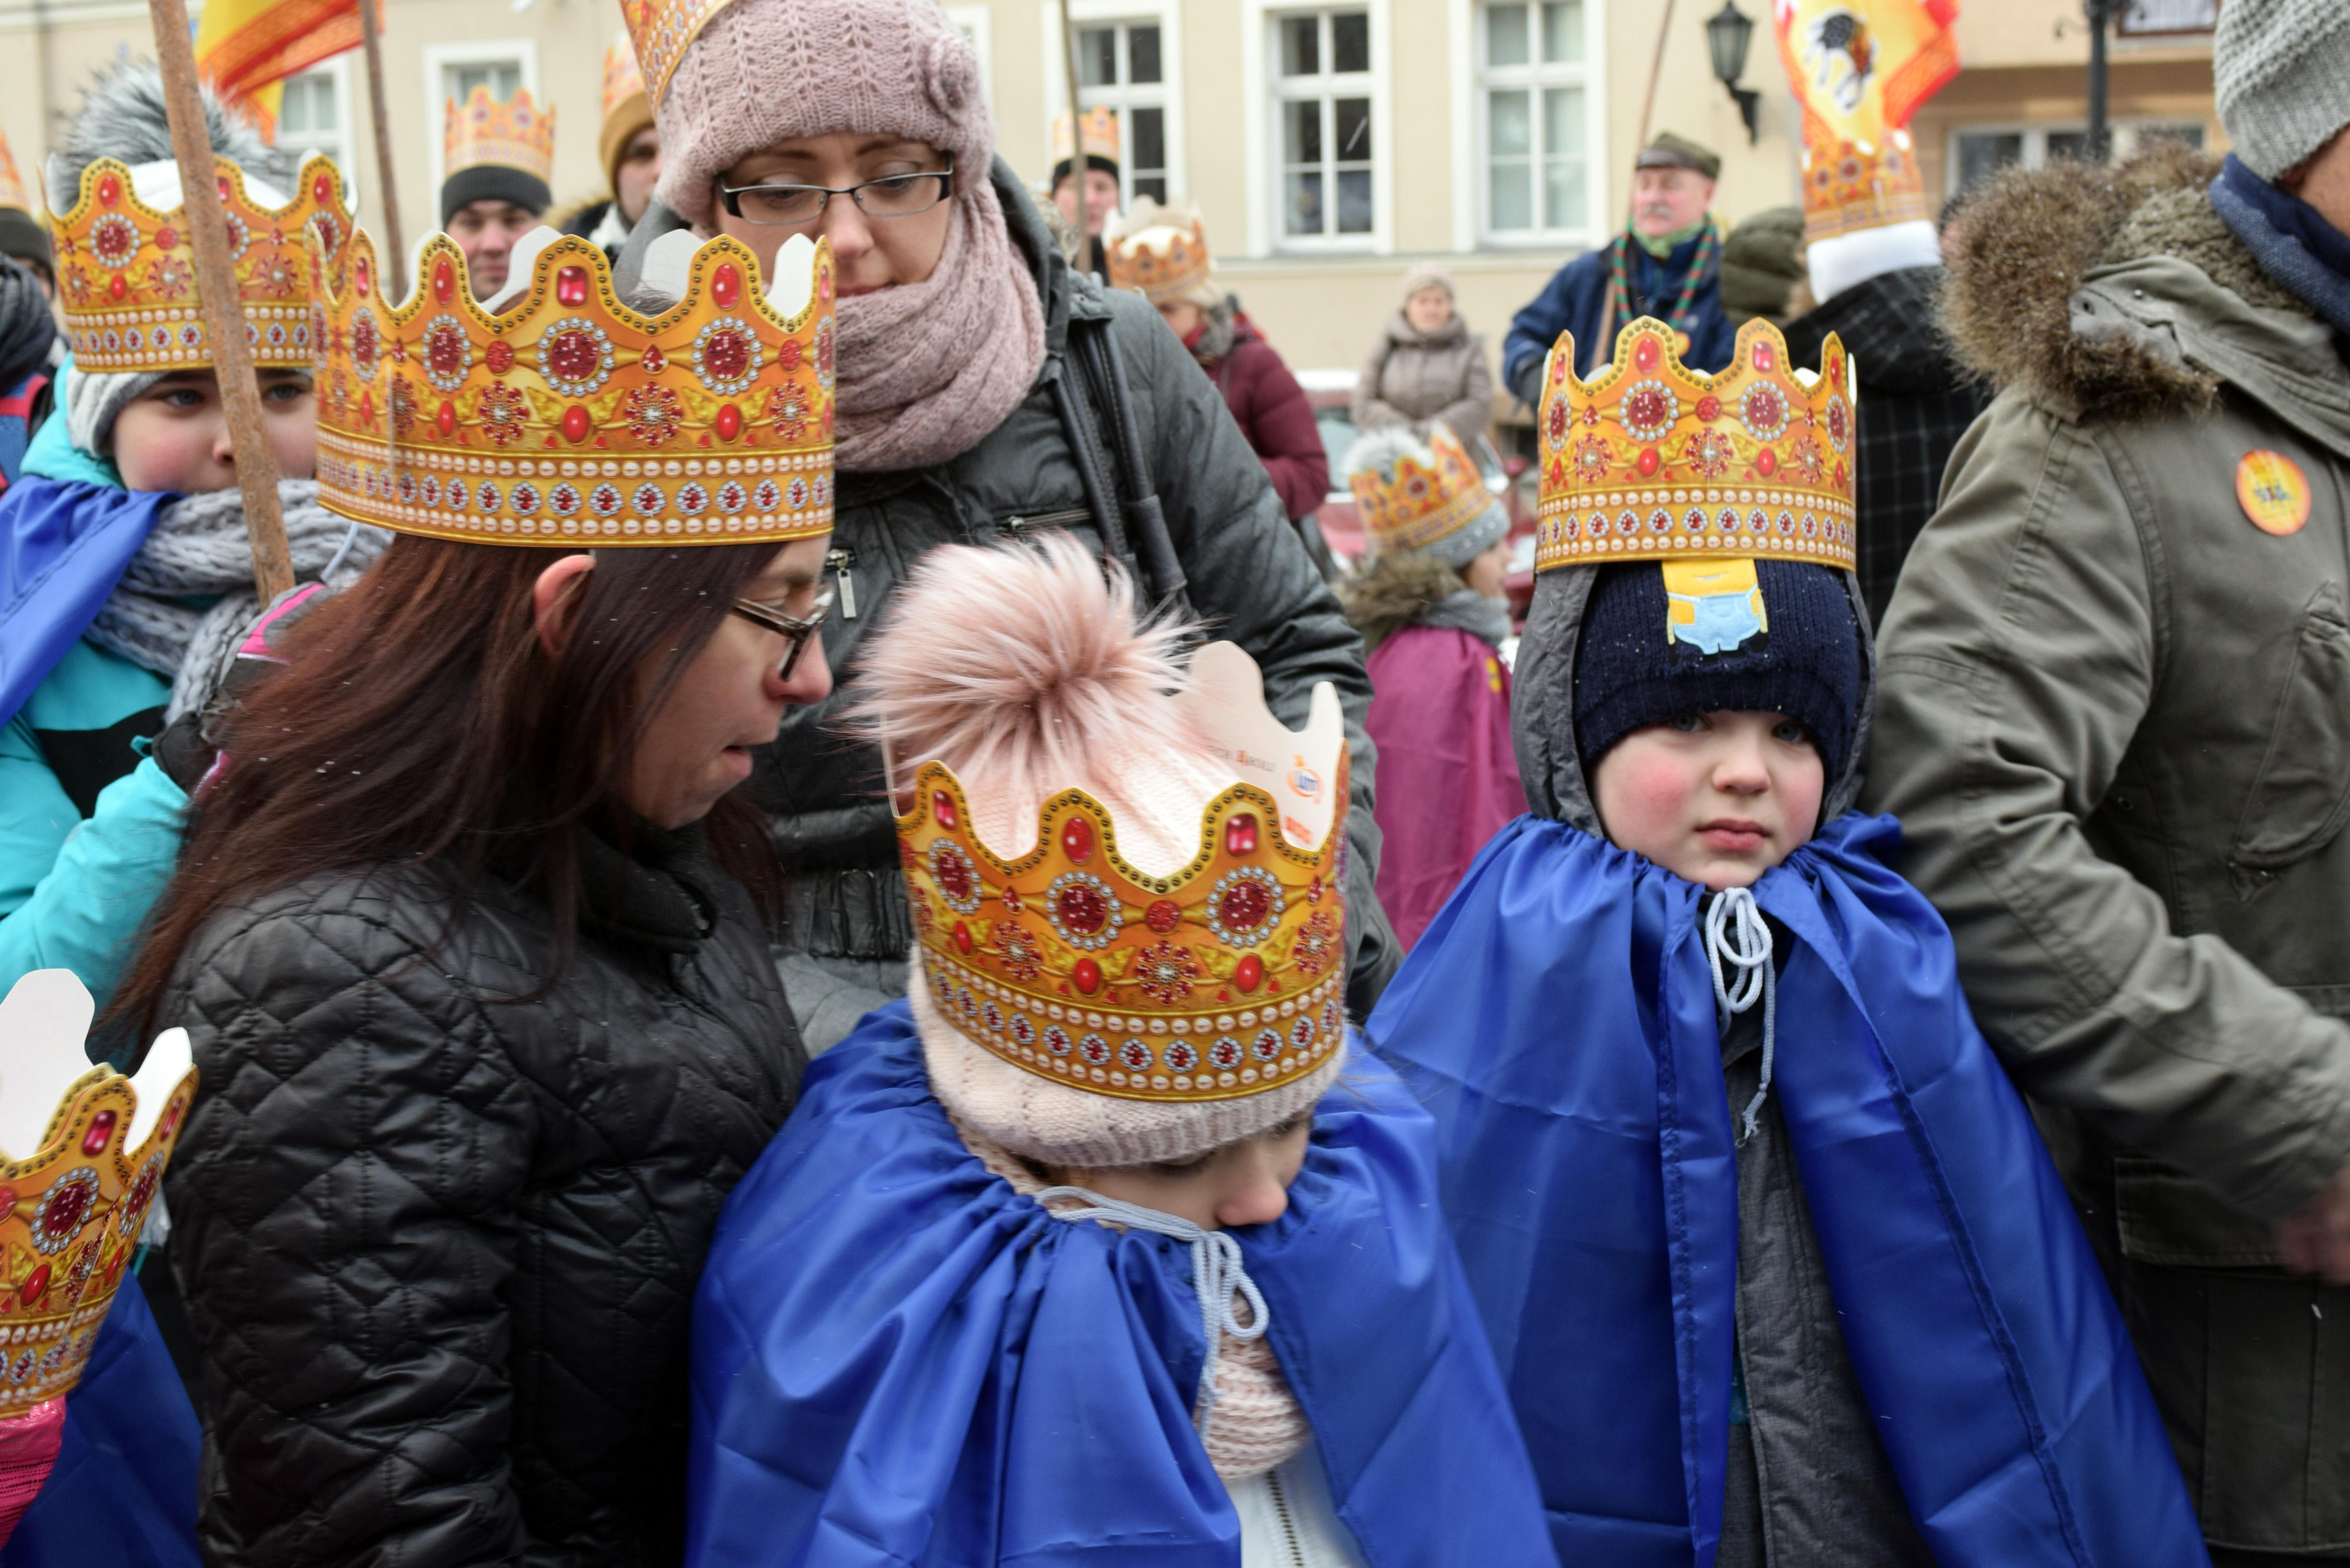 Podsumowanie Orszaku Trzech Króli w Świdnicy w 2017roku